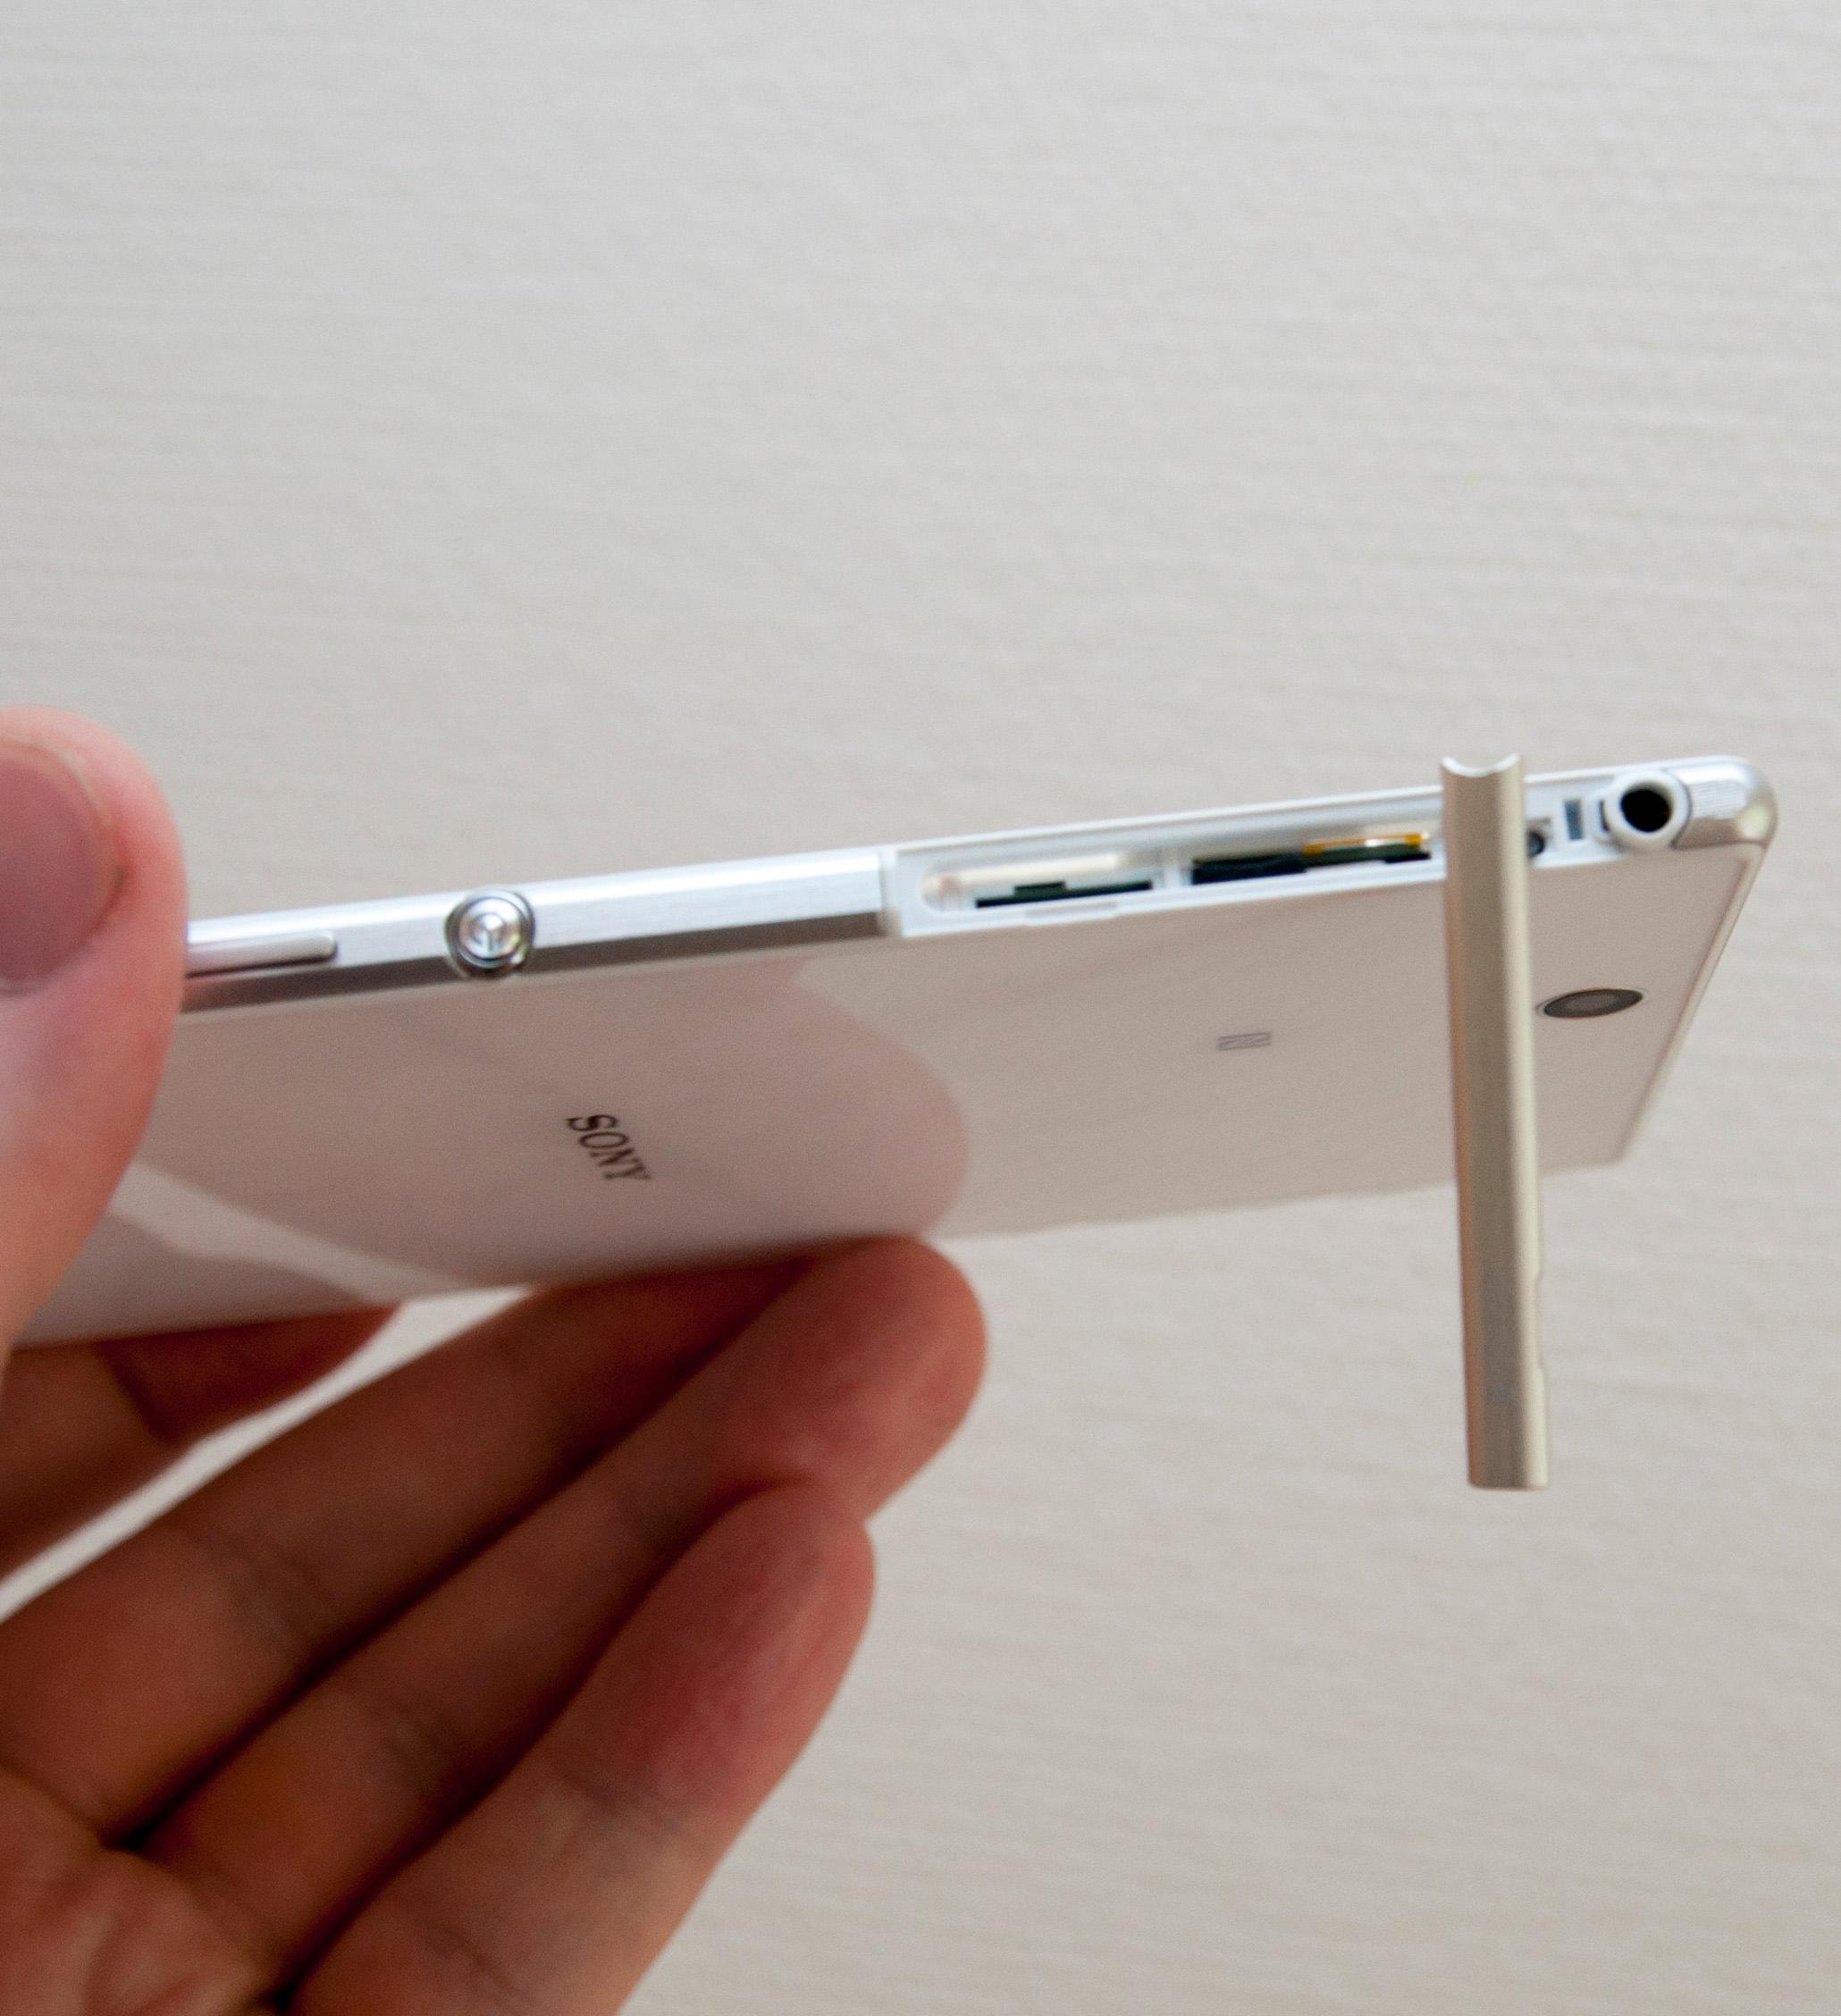 SIM- og SD-kort har blitt plassert bak samme luke.Foto: Finn Jarle Kvalheim, Amobil.no